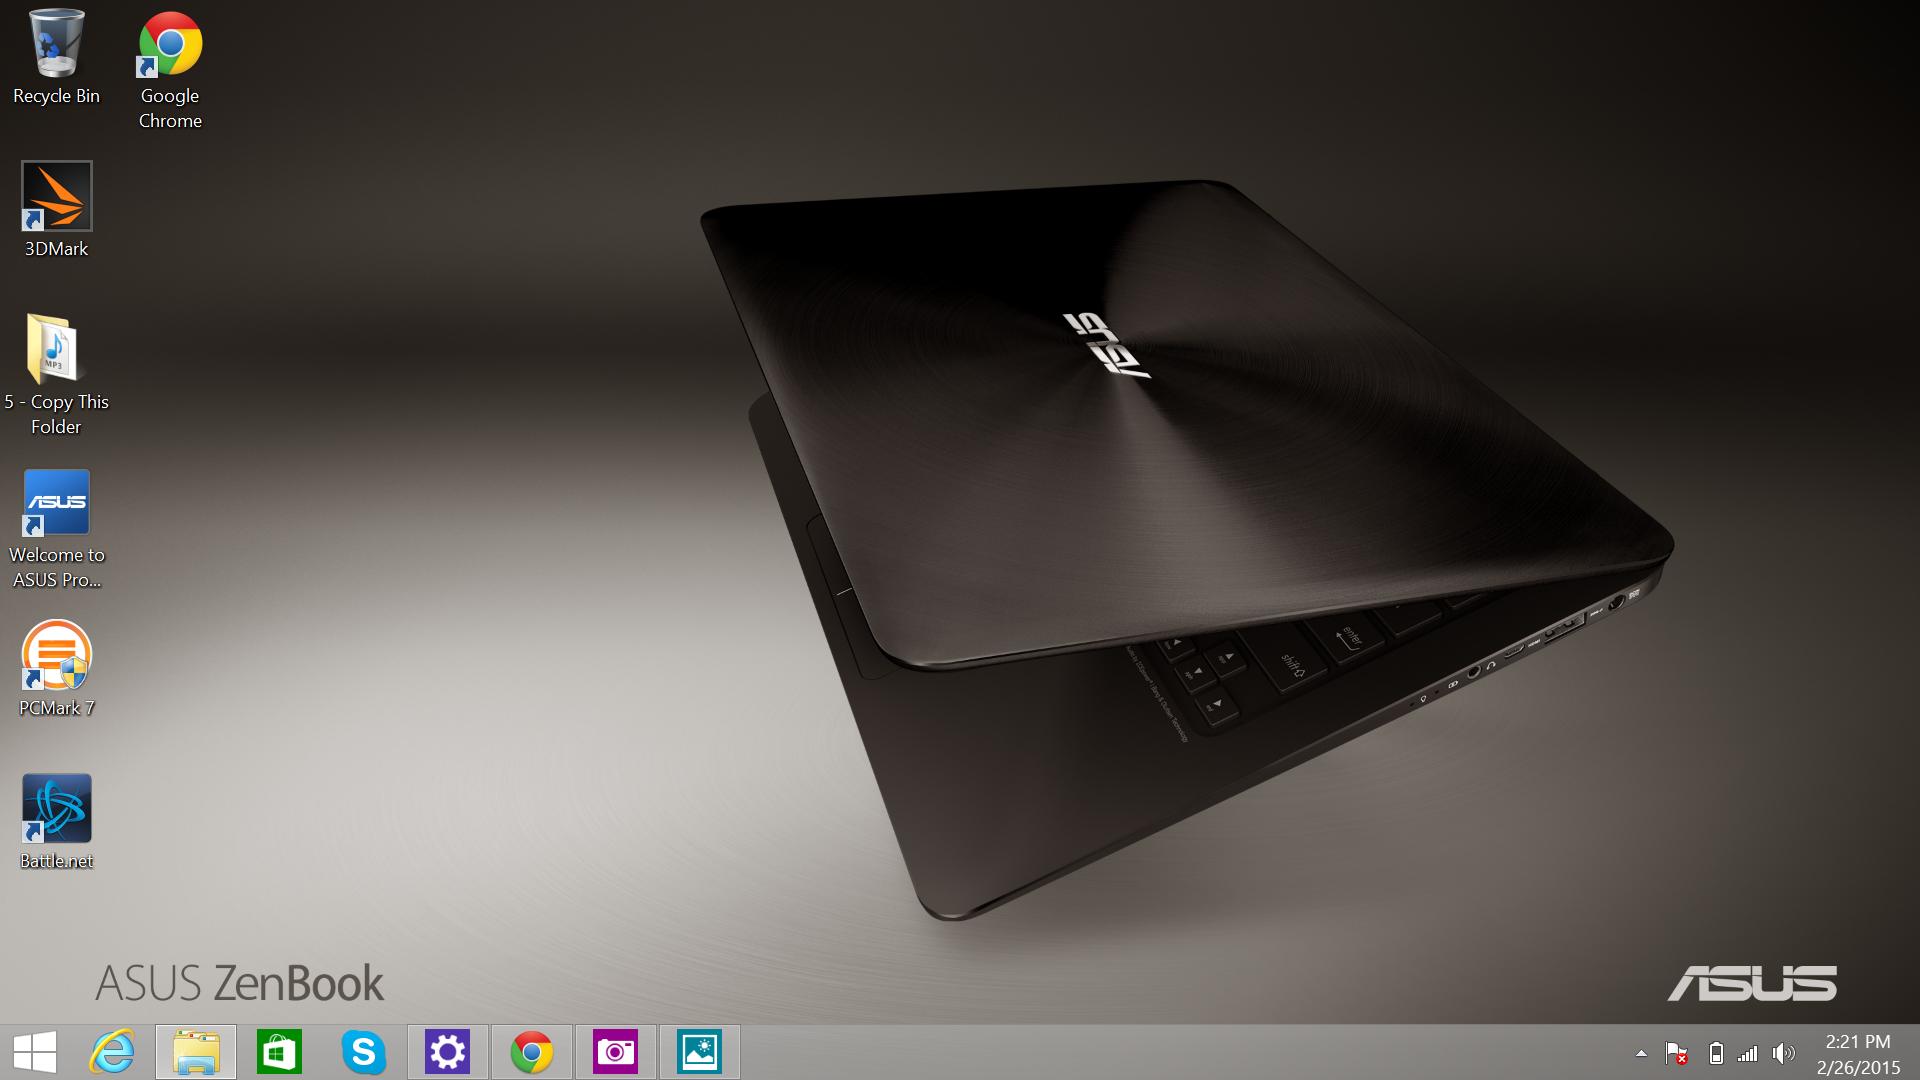 ASUS ZenBook UX305 (8)